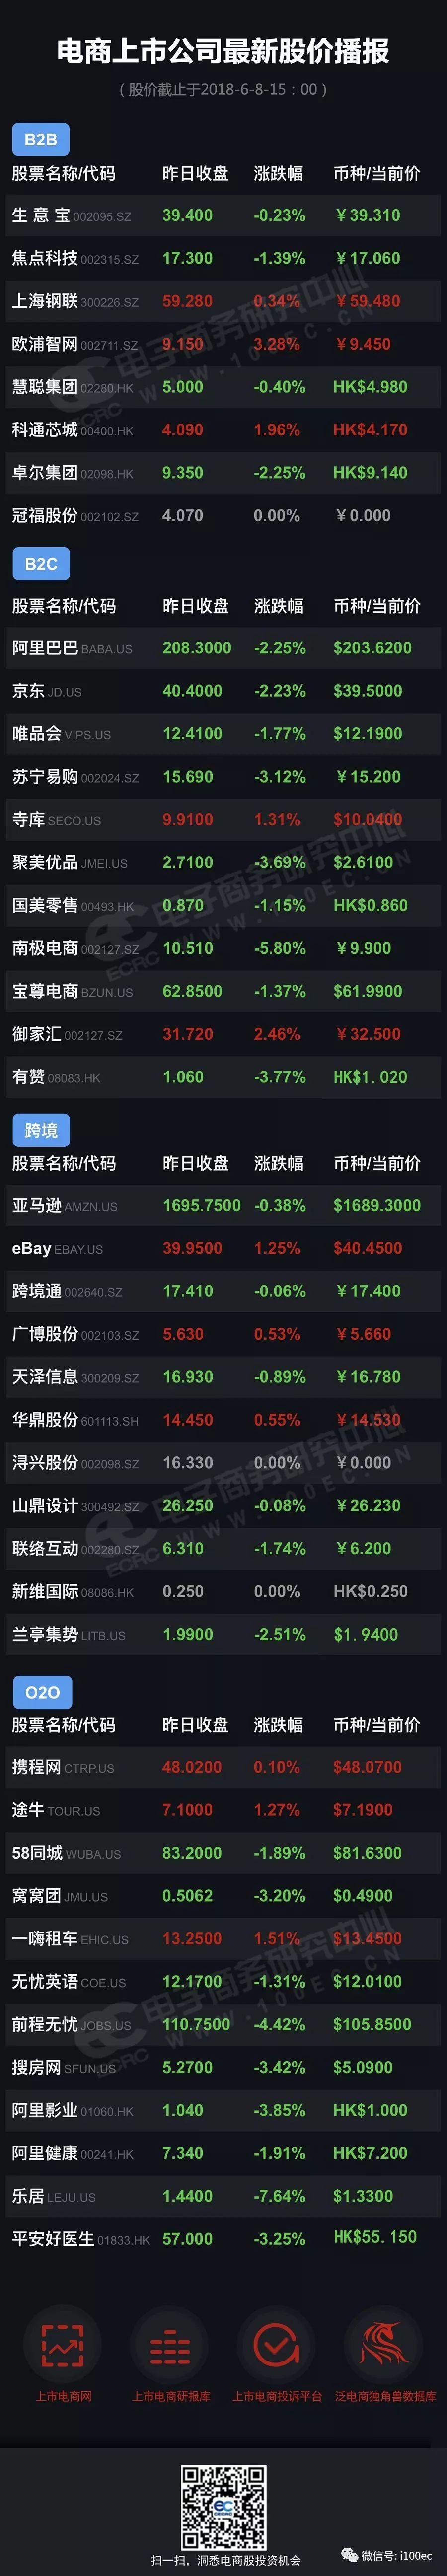 【播报】一图看清电商上市公司最新股价(20180608)